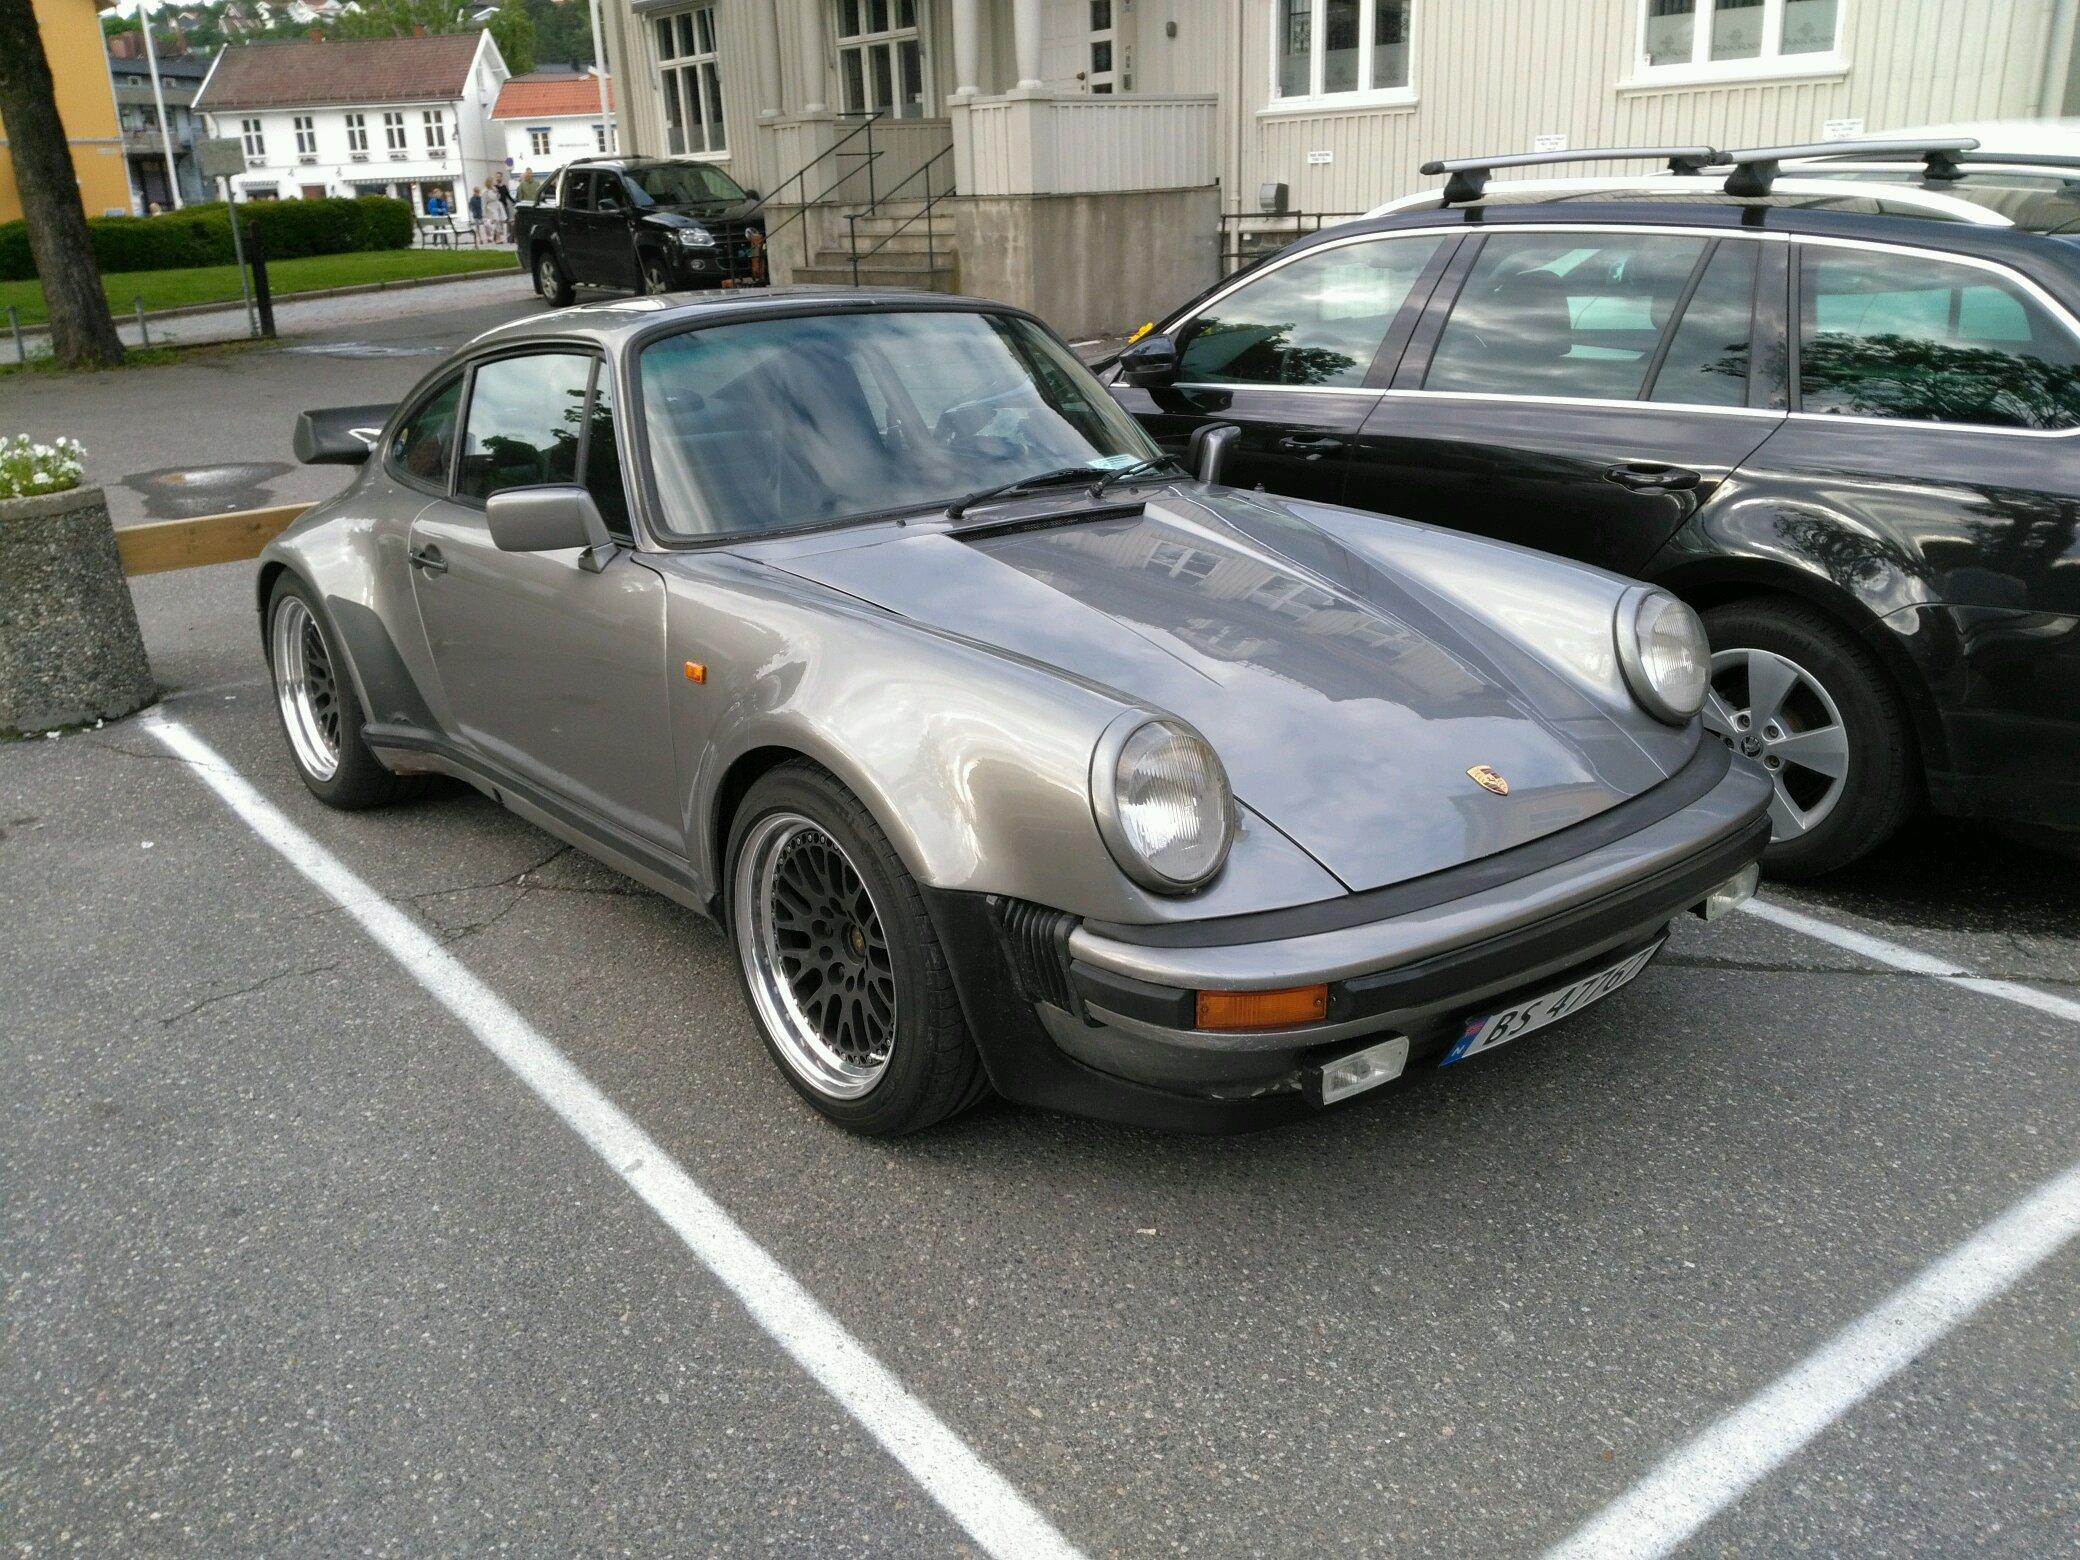 A Nice Old Porsche